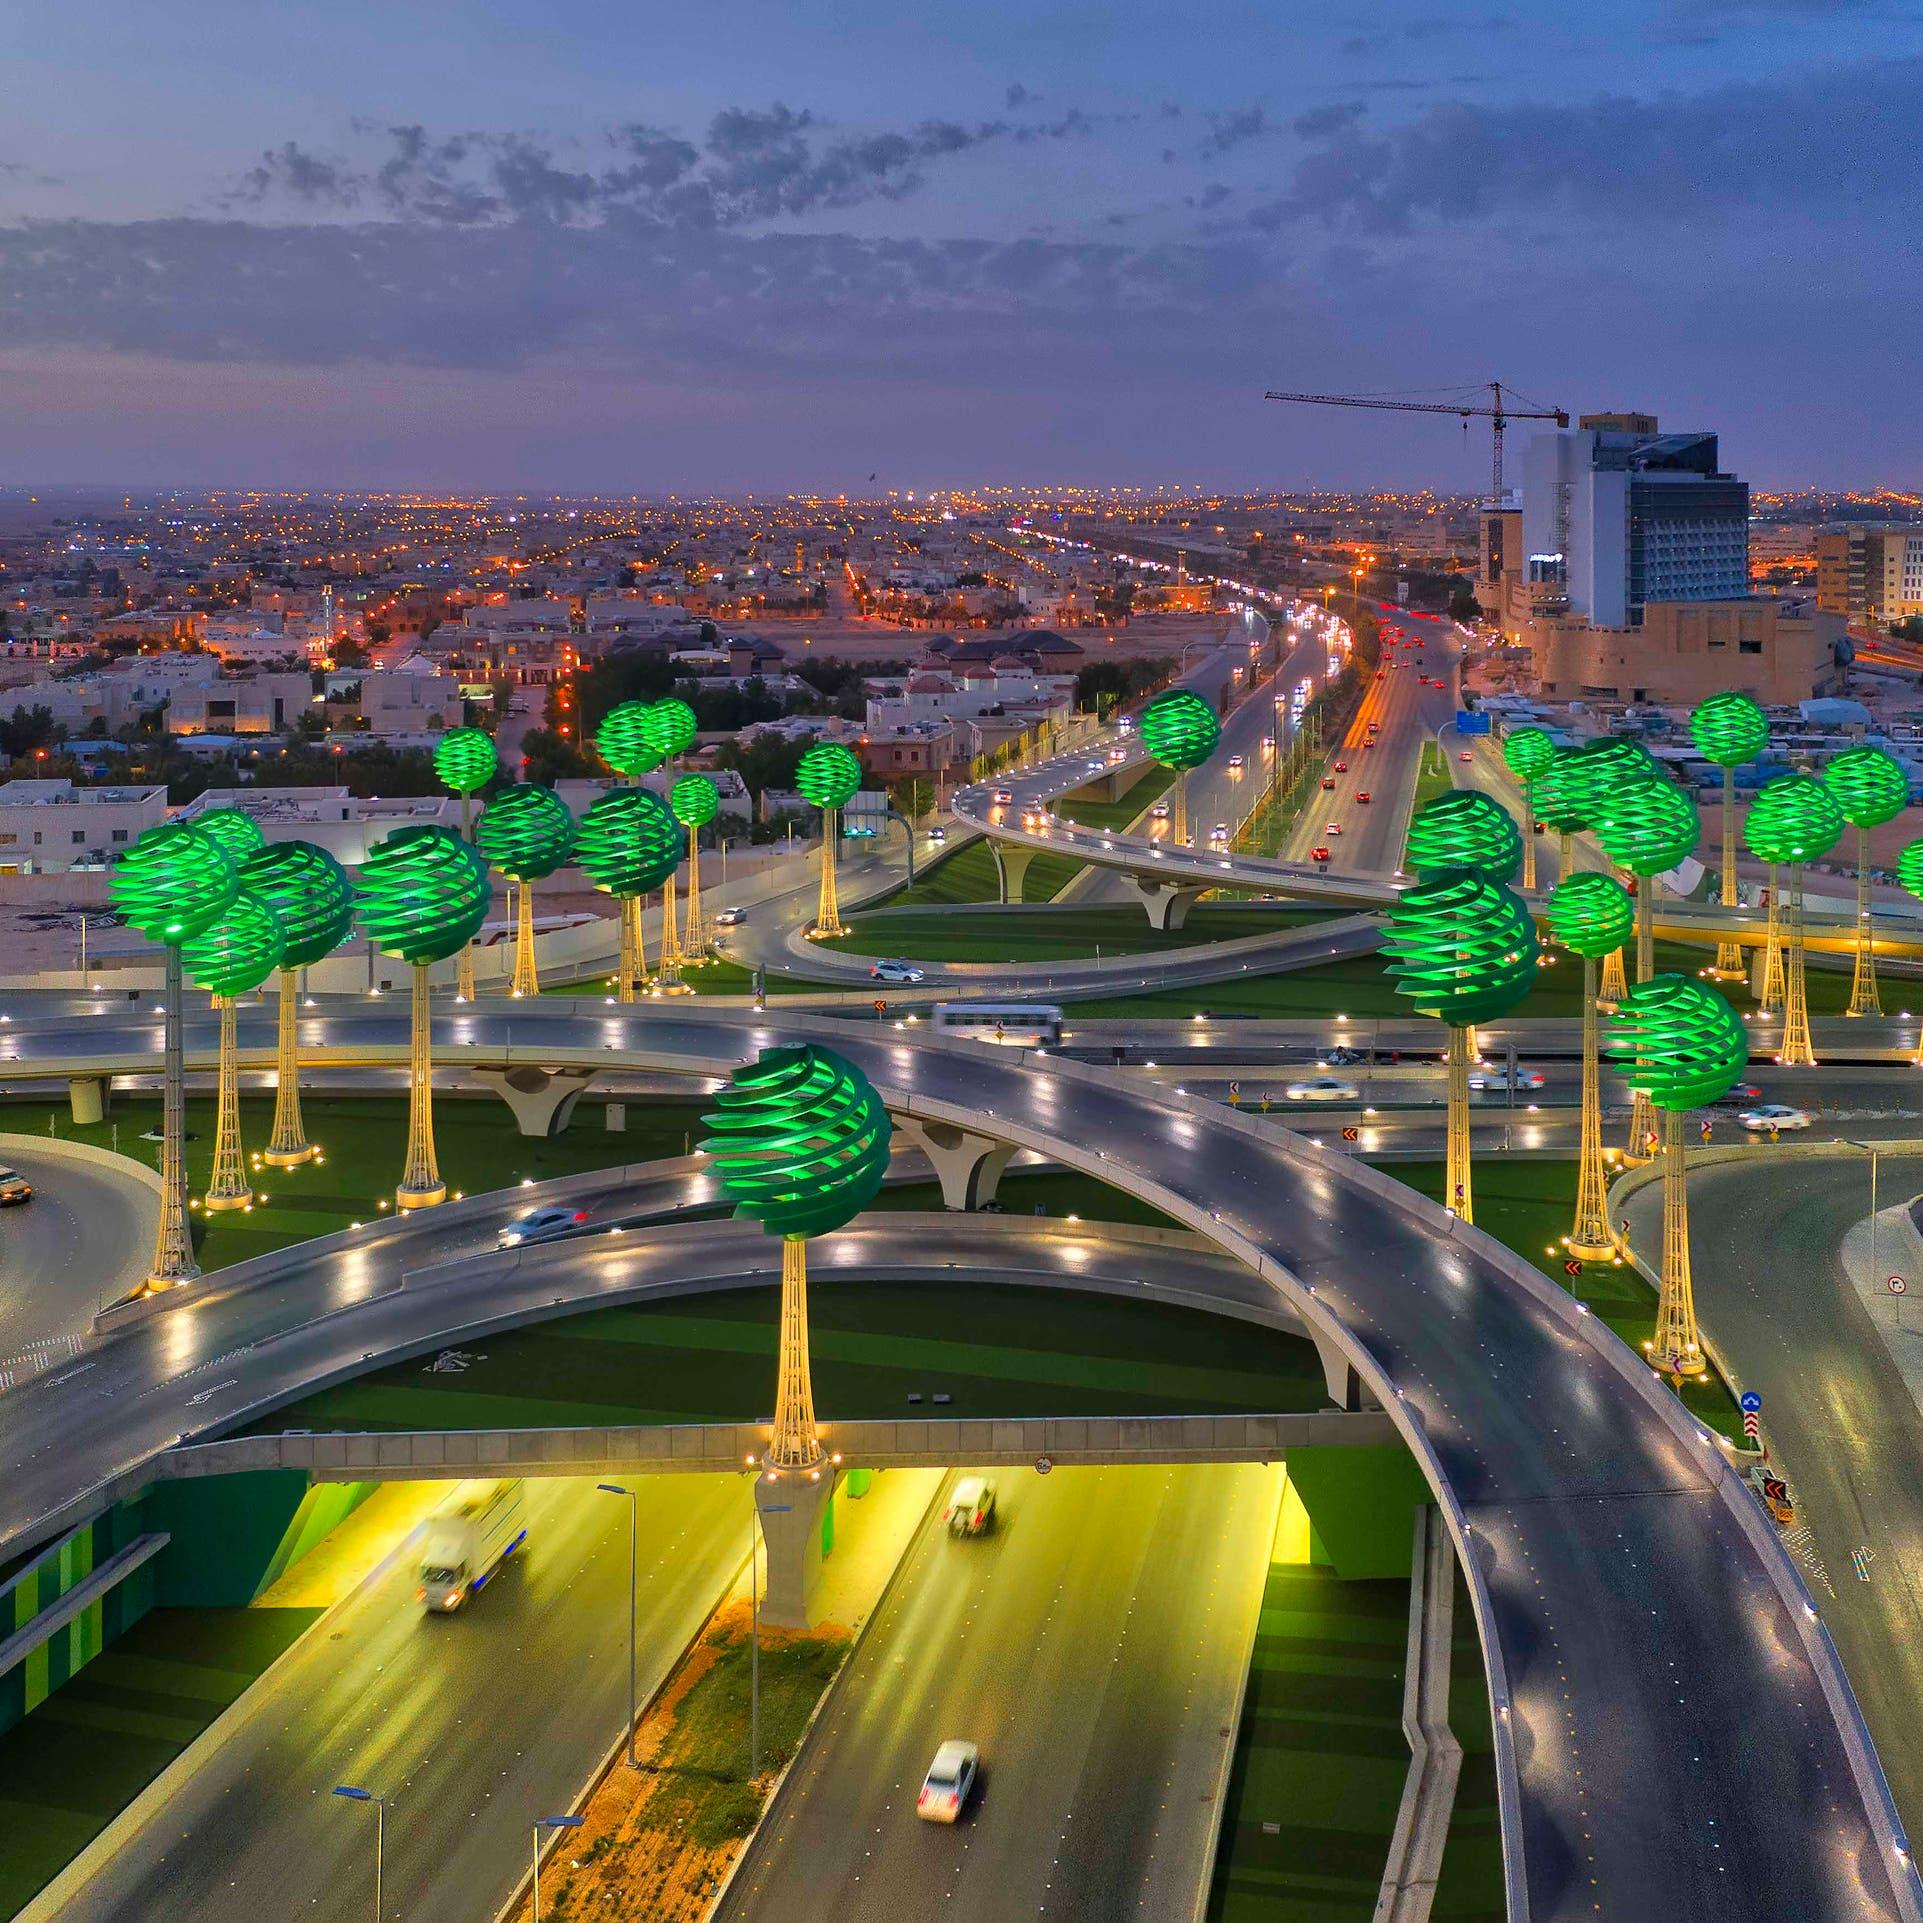 """الرياض تستضيف منتدى """"السعودية الخضراء"""" و""""الشرق الأوسط الأخضر"""" في أكتوبر"""